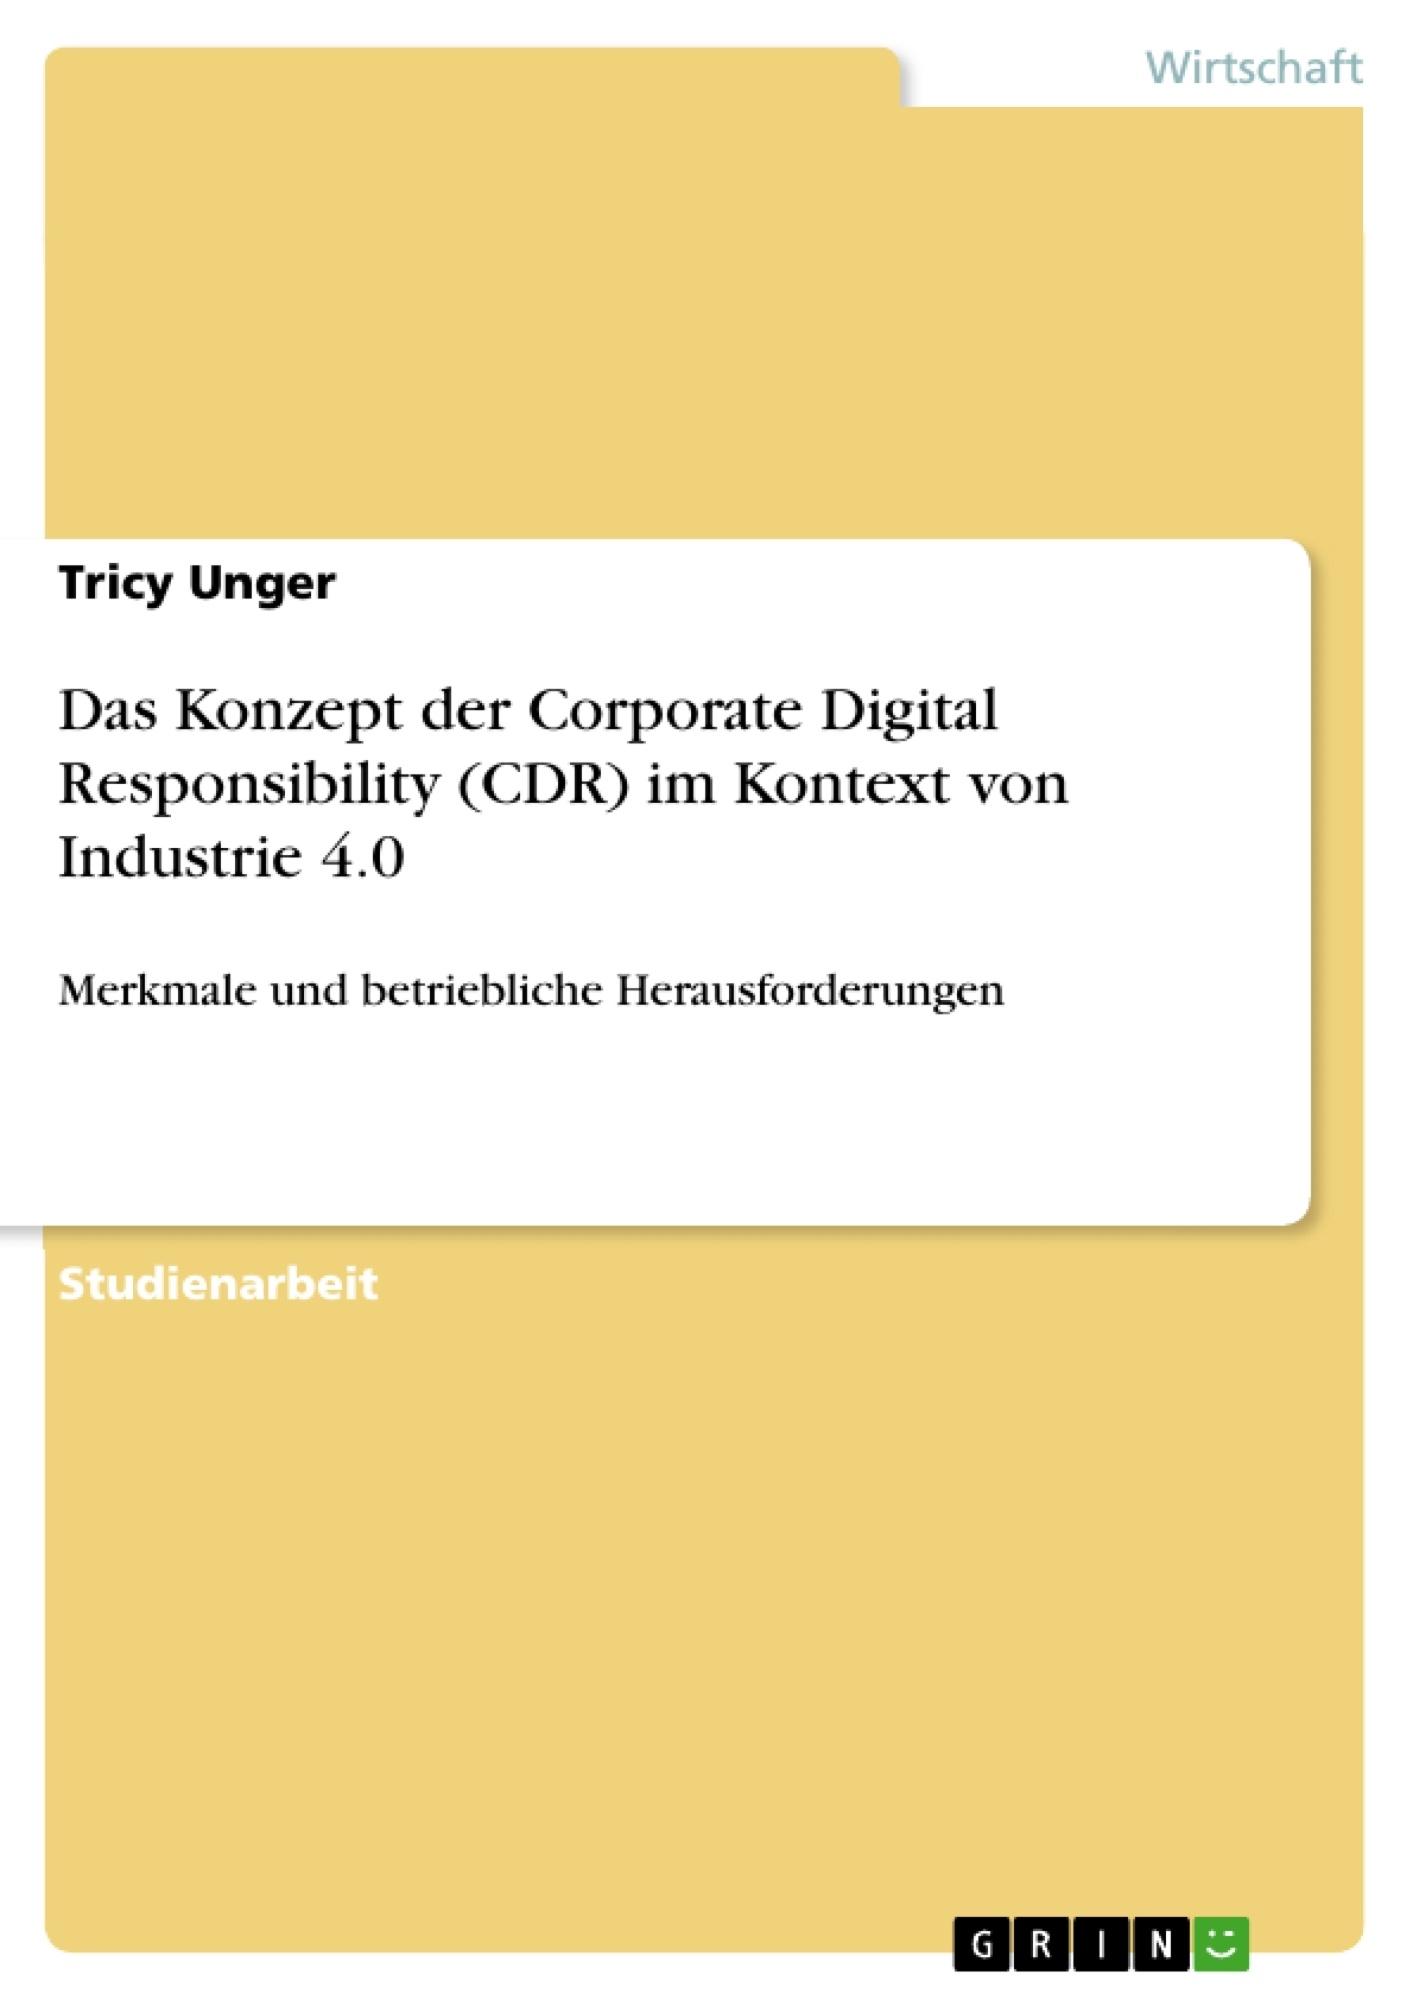 Titel: Das Konzept der Corporate Digital Responsibility (CDR) im Kontext von Industrie 4.0